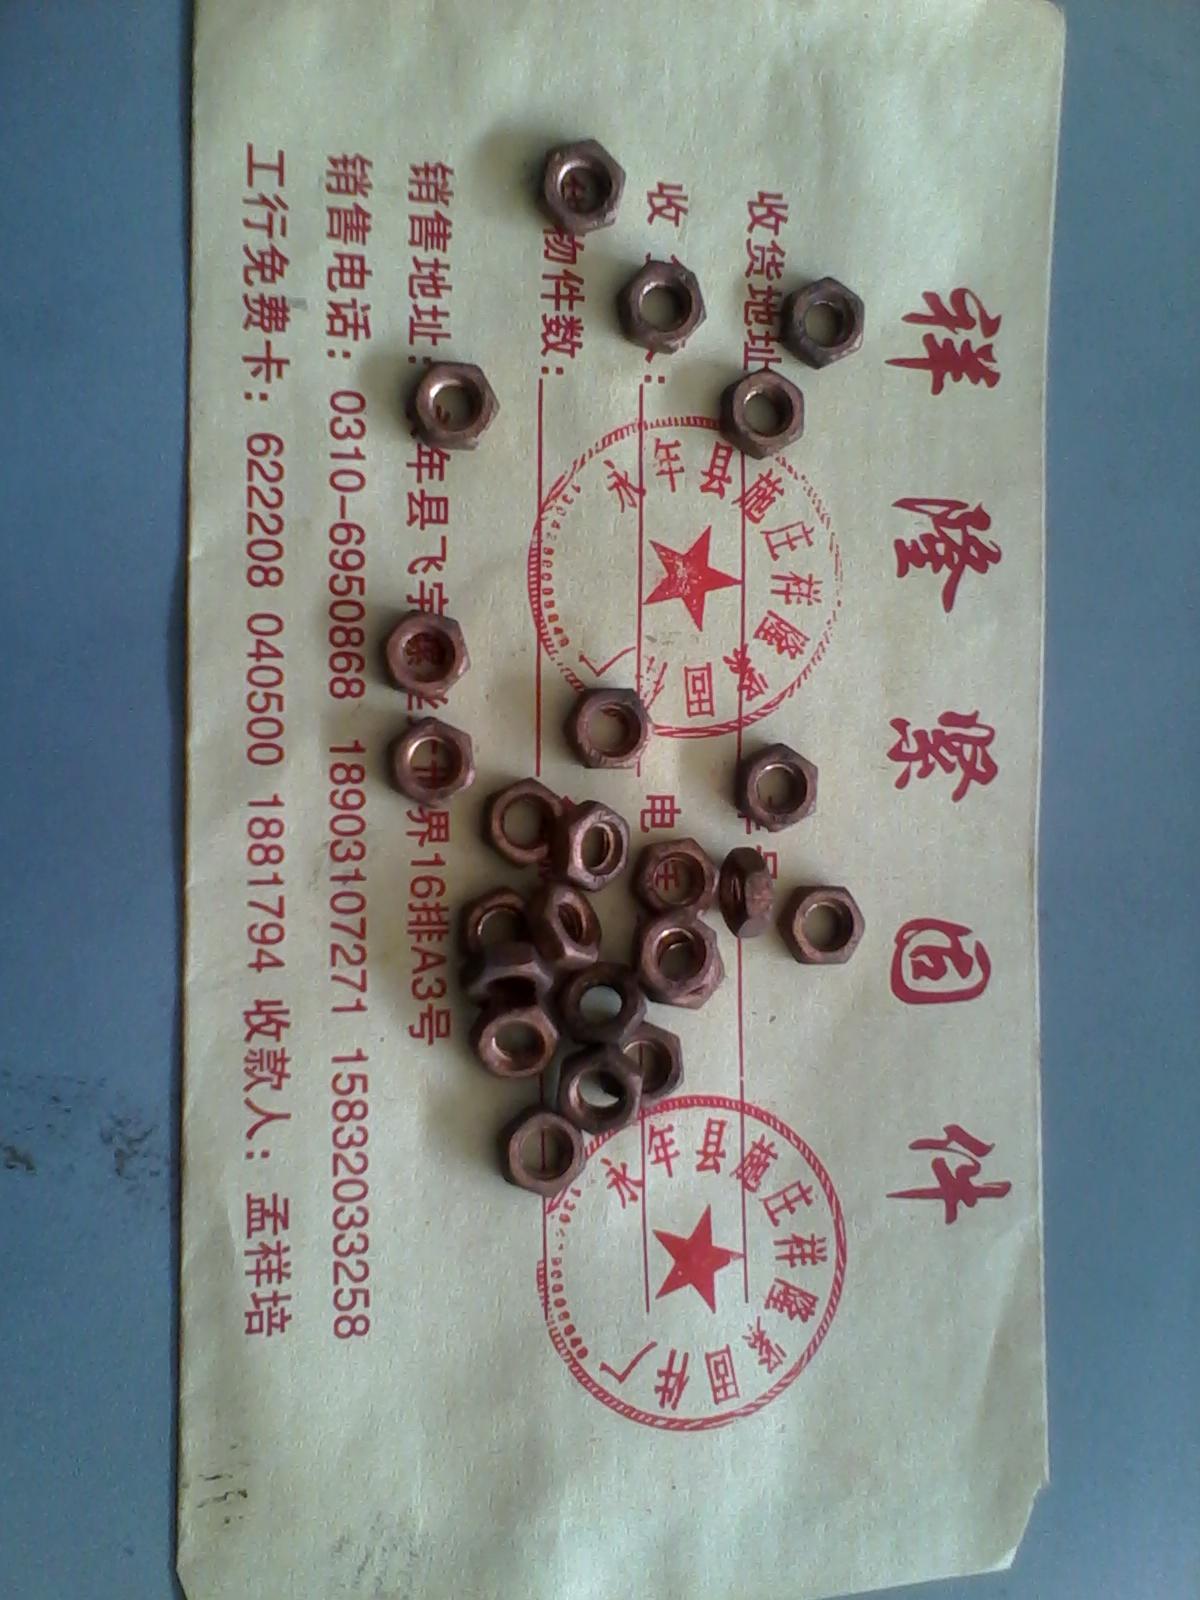 紫铜螺栓、紫铜螺母、黄铜螺丝、厂家生产销售